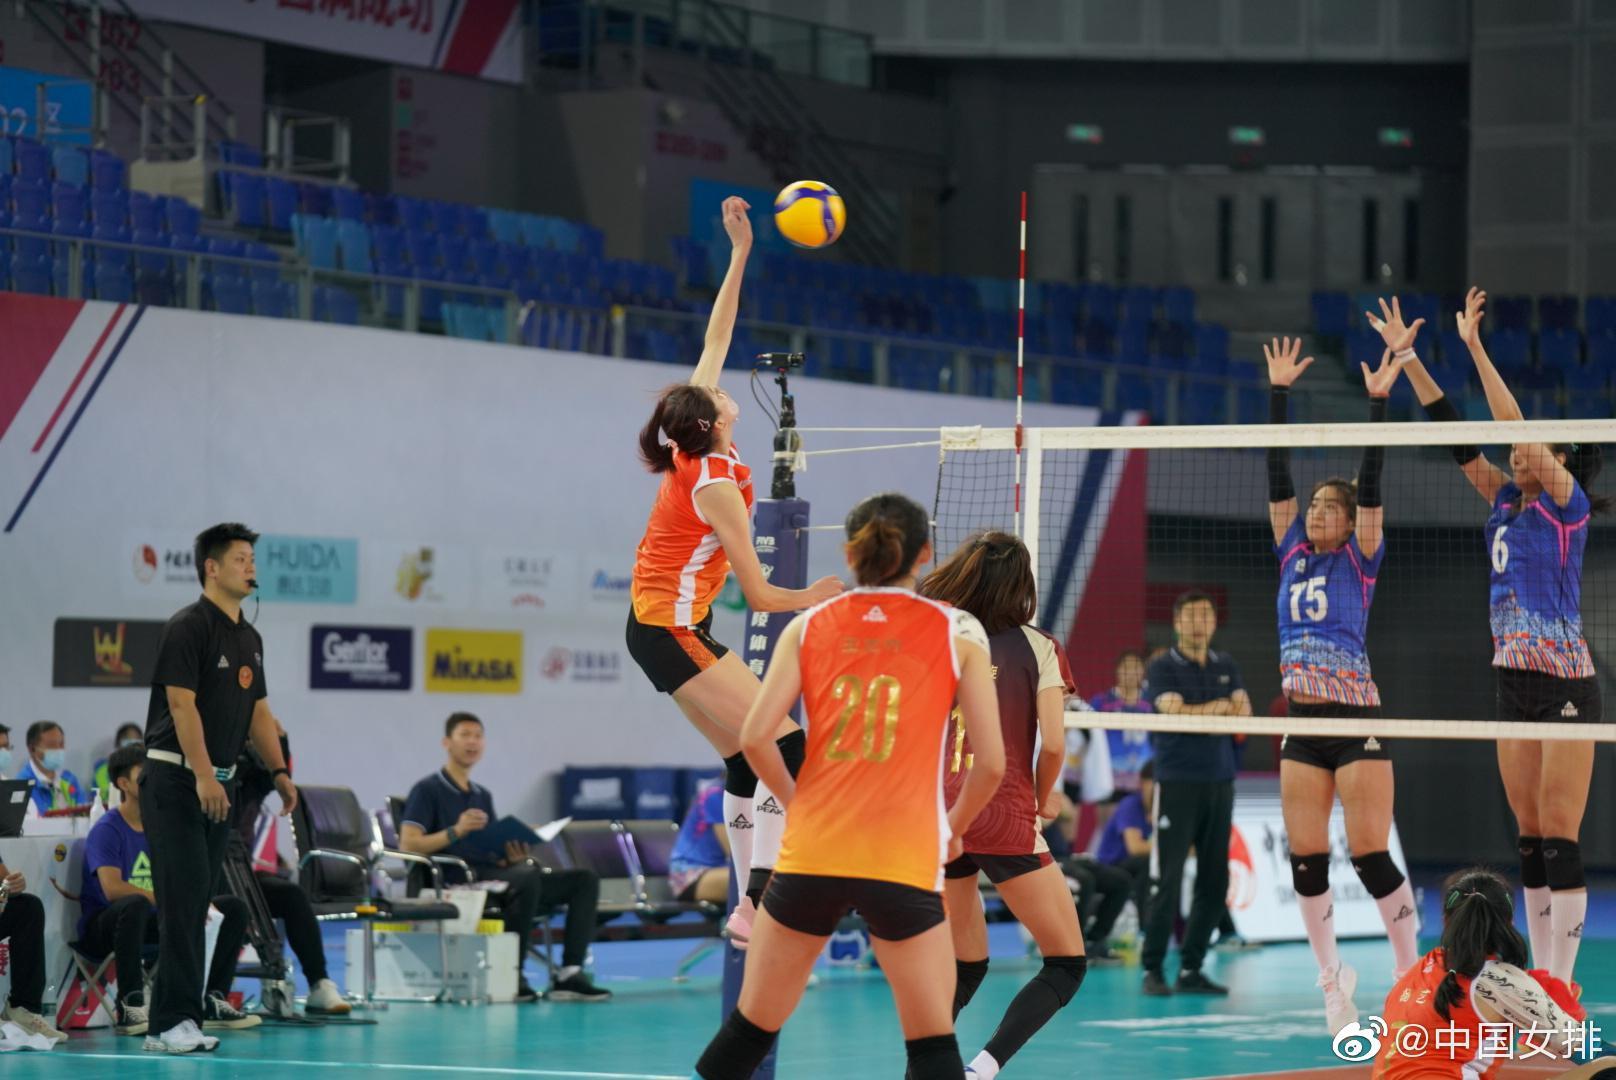 全锦赛天津女排3-1逆转北京 两胜两负暂列小组第4